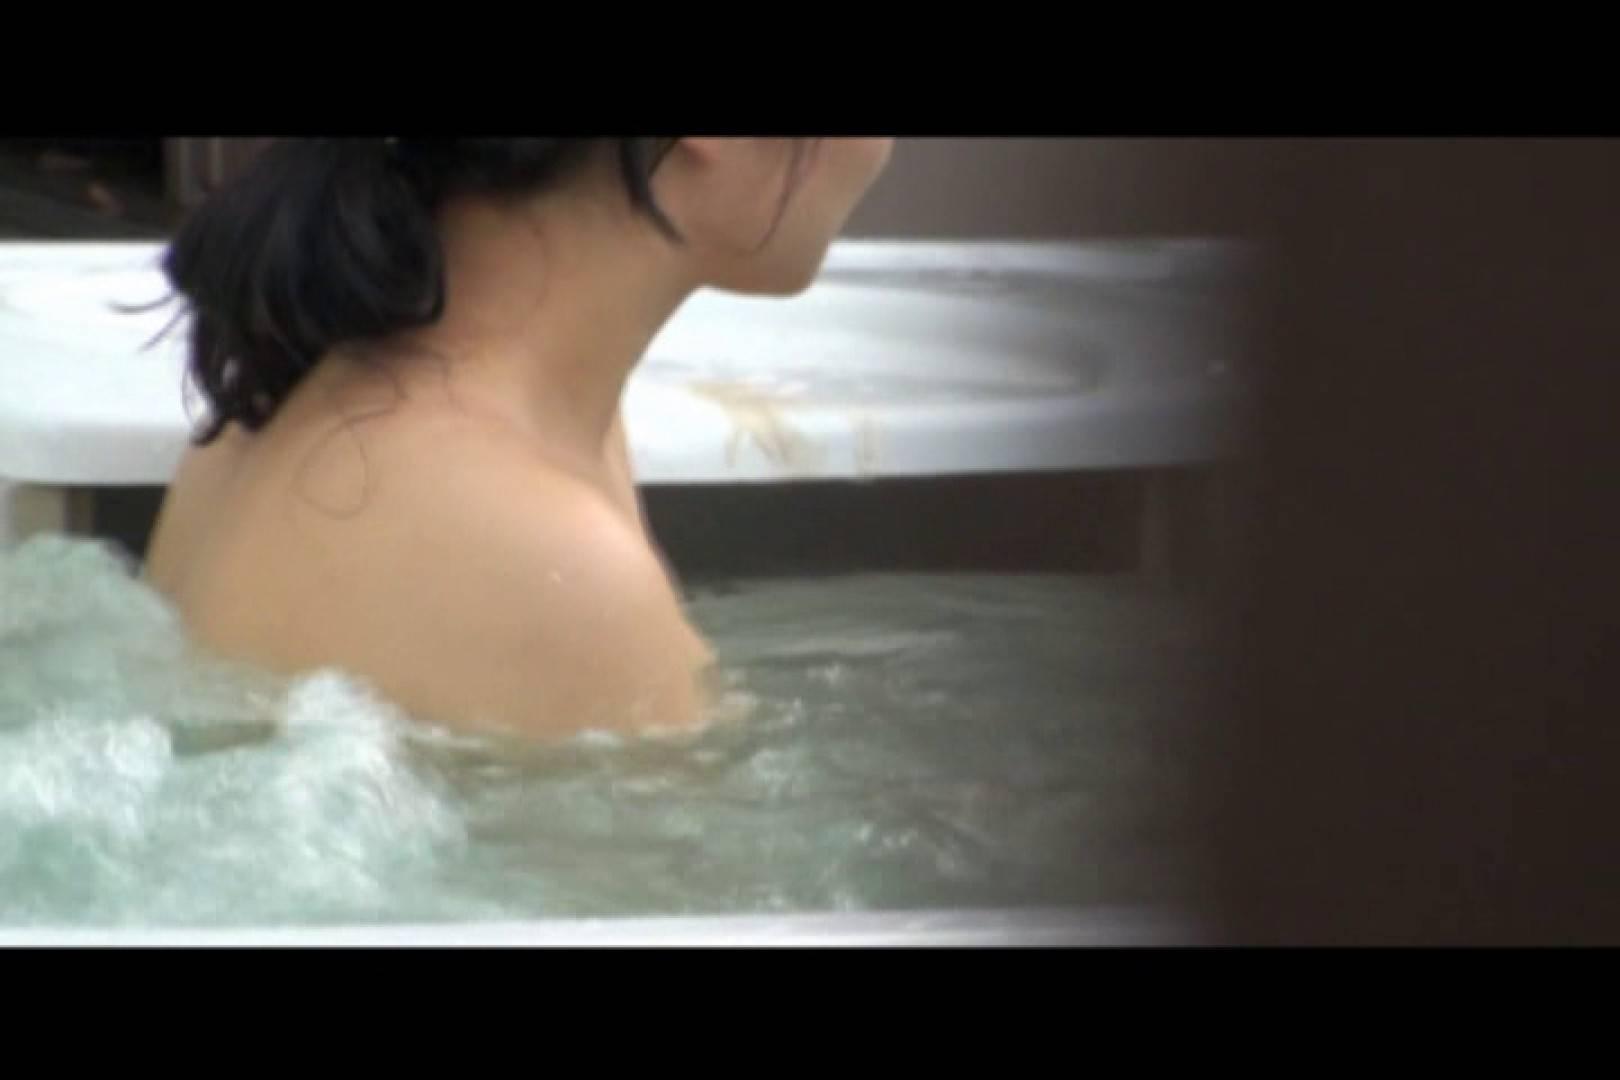 貸切露天 発情カップル! vol.07 カップルDEイチャイチャ  92連発 54